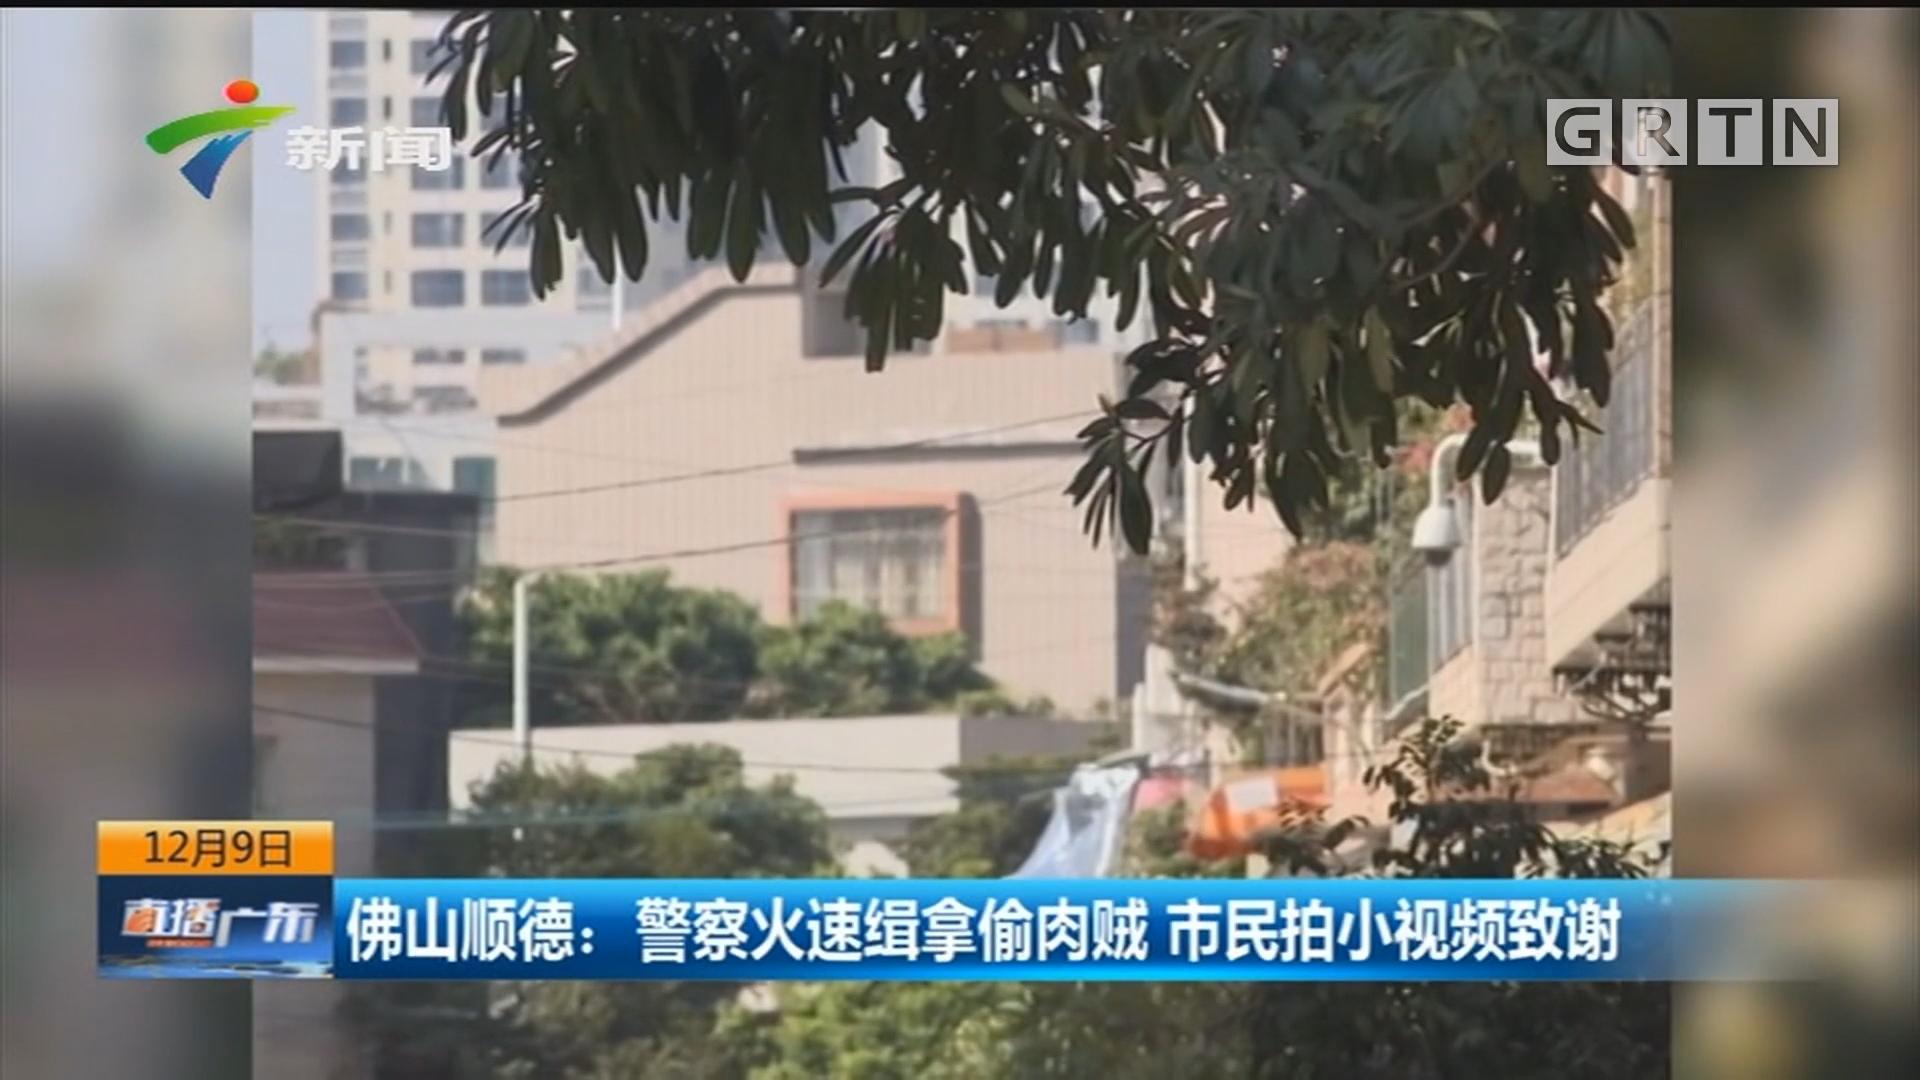 佛山顺德:警察火速缉拿偷肉贼 市民拍小视频致谢